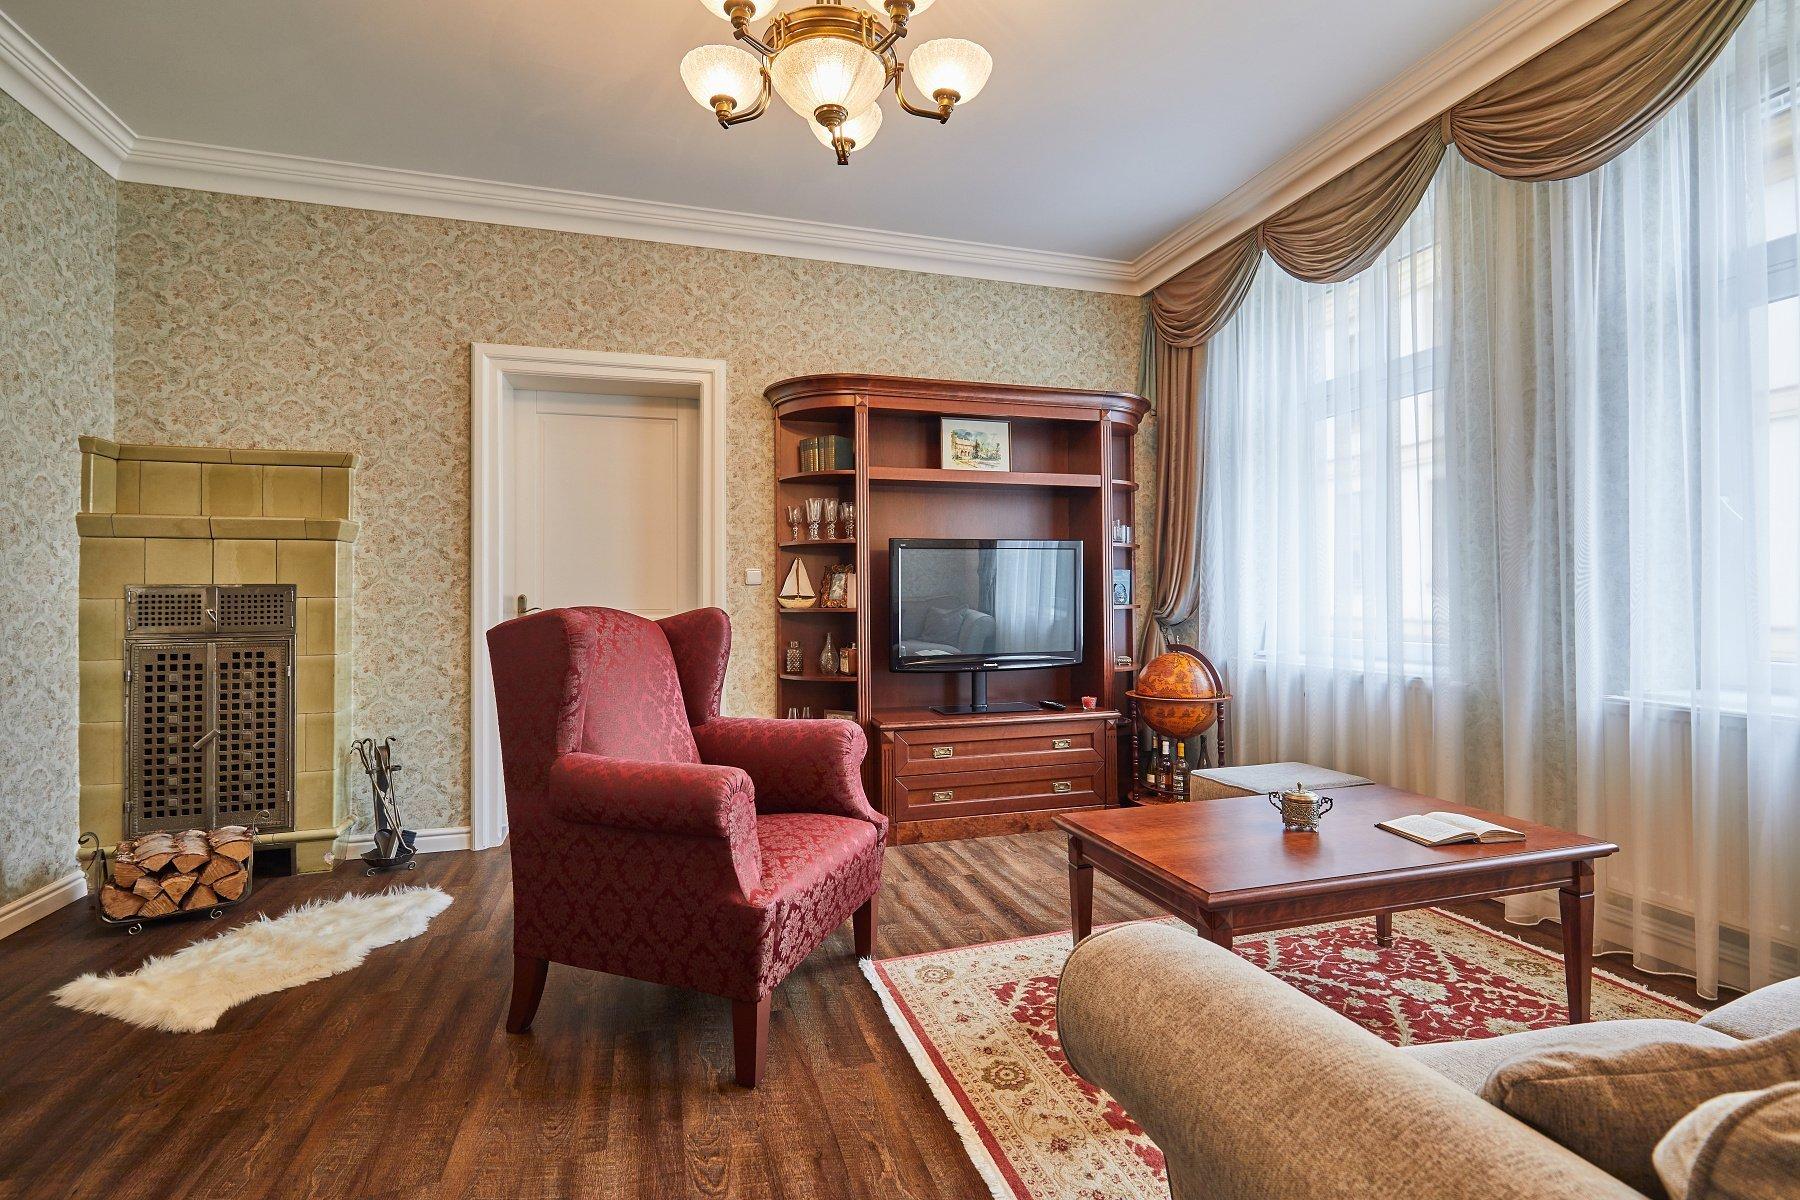 Koupě většího zděného bytu před rekonstrukcí sdominantními, téměř 100 let starými kachlovými kamny byla pro mé klienty jak velkou výzvou, tak zároveň i…